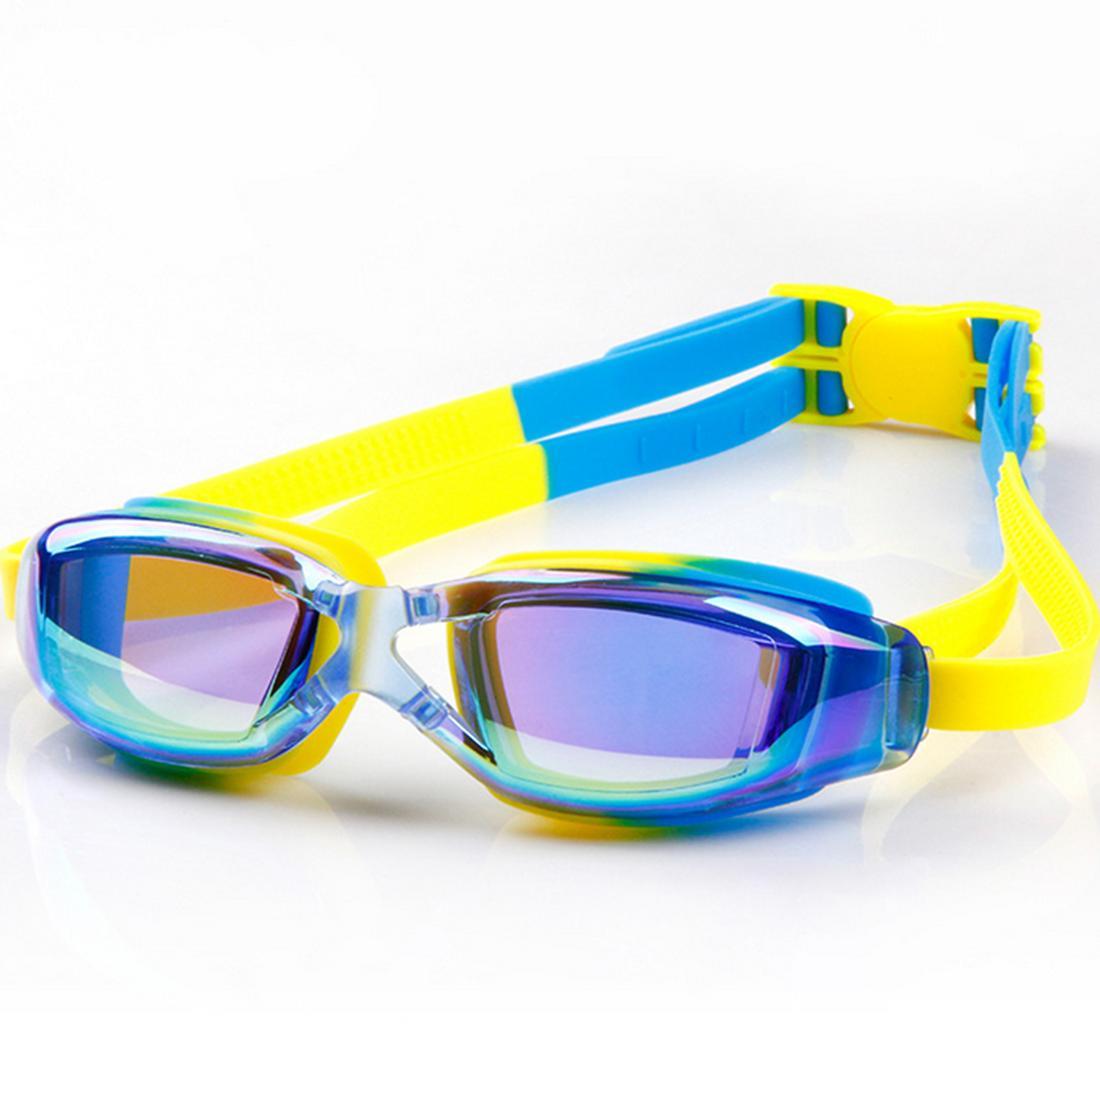 5a2b01ebb Compre Proteção UV À Prova D  Água Crianças Óculos De Natação Anti Fog  Luzes Lente Silicone Quadro Criança Óculos De Natação Piscina Acessórios  Óculos De ...